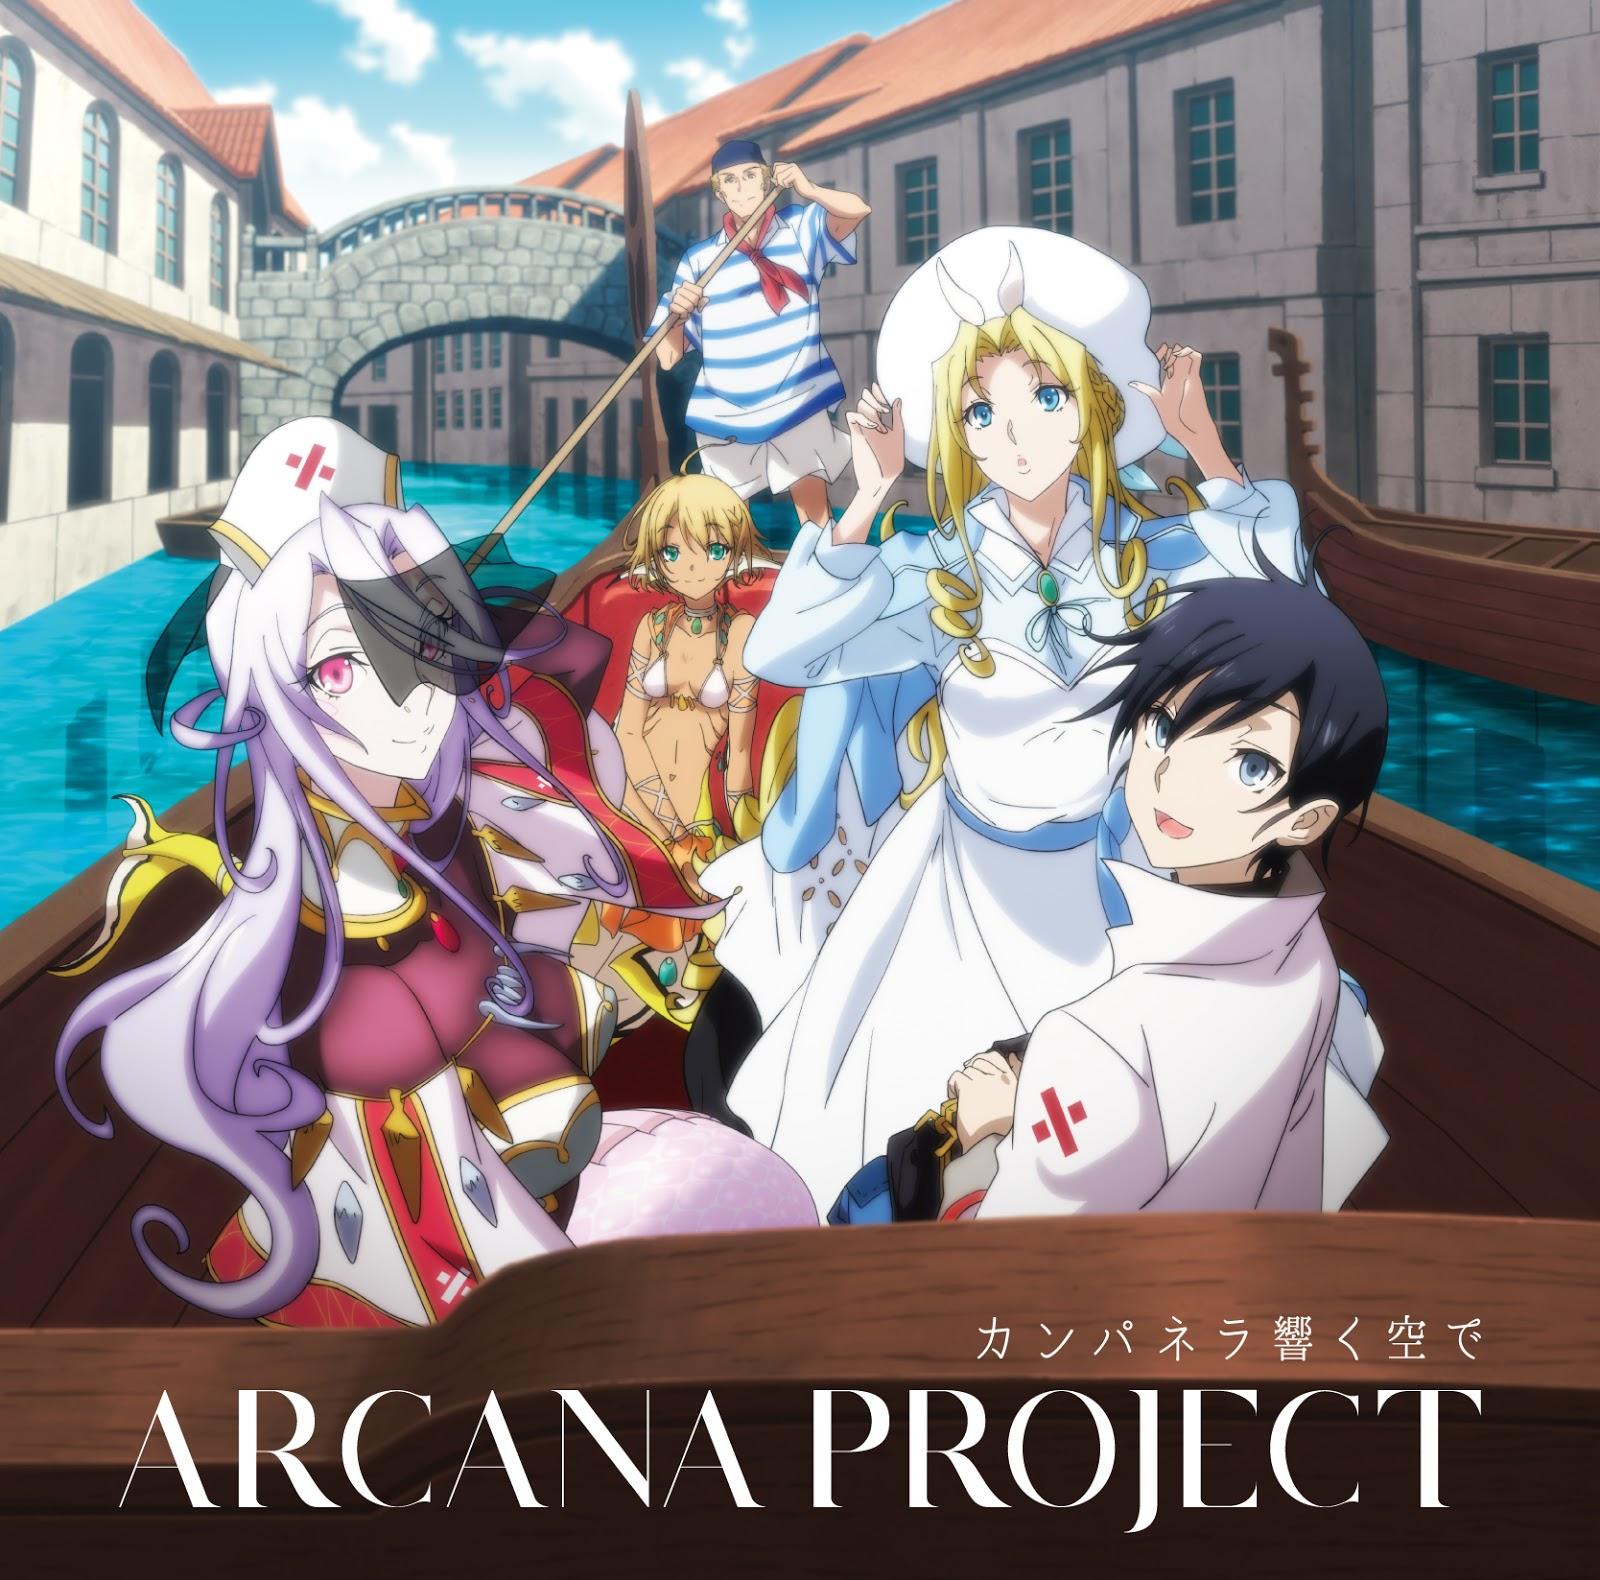 ARCANA PROJECT - カンパネラ響く空で [2020.09.09+MP3+RAR]